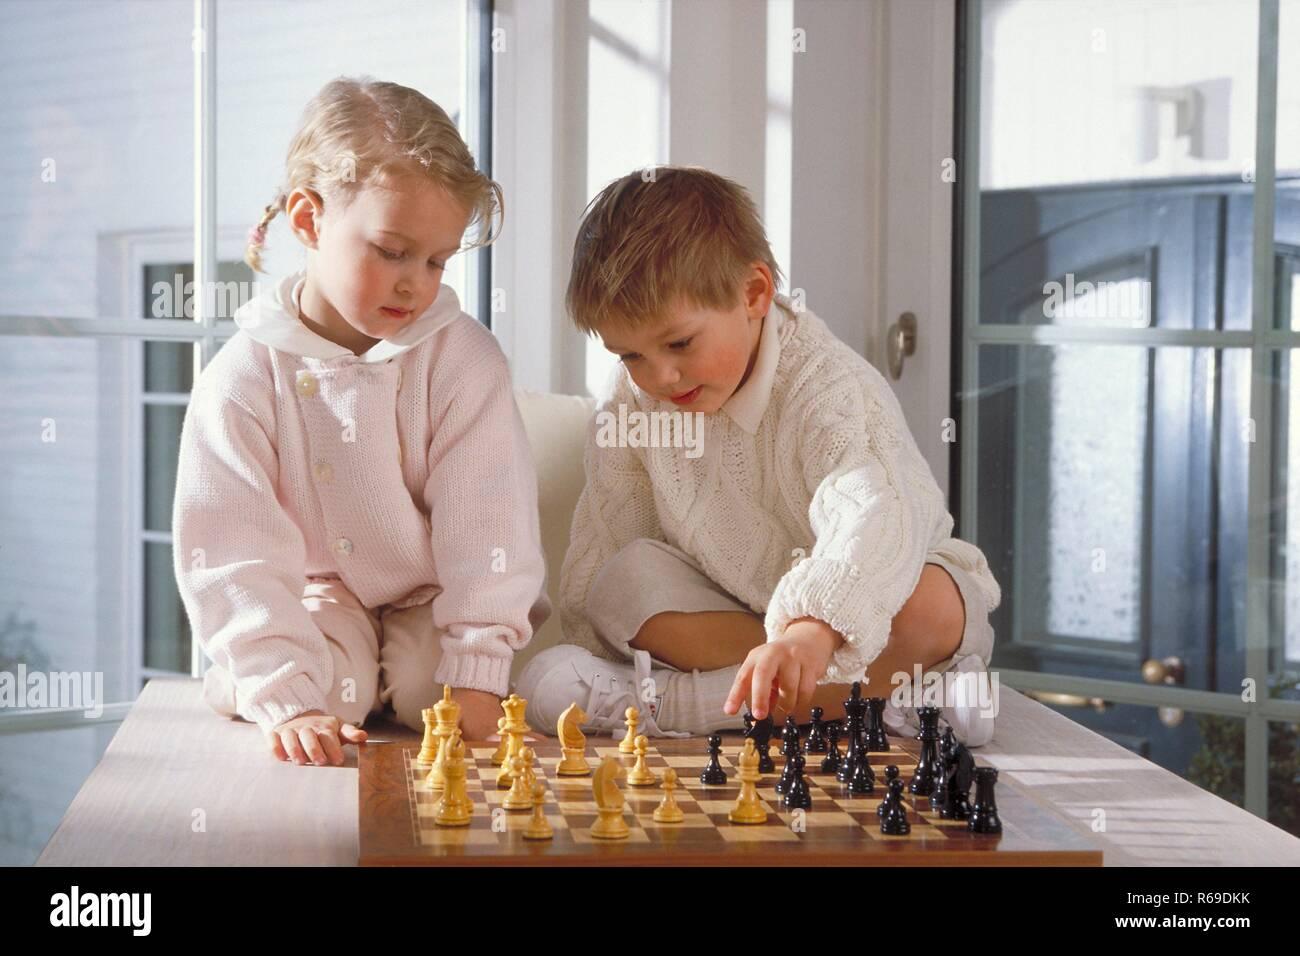 Retrato, Innenraum, Ganzfigur, rubias Maedchen und Junge, 4-5 Jahre alt, beide infierno gekleidet, sitzen auf dem Tisch und Schach spielen Foto de stock